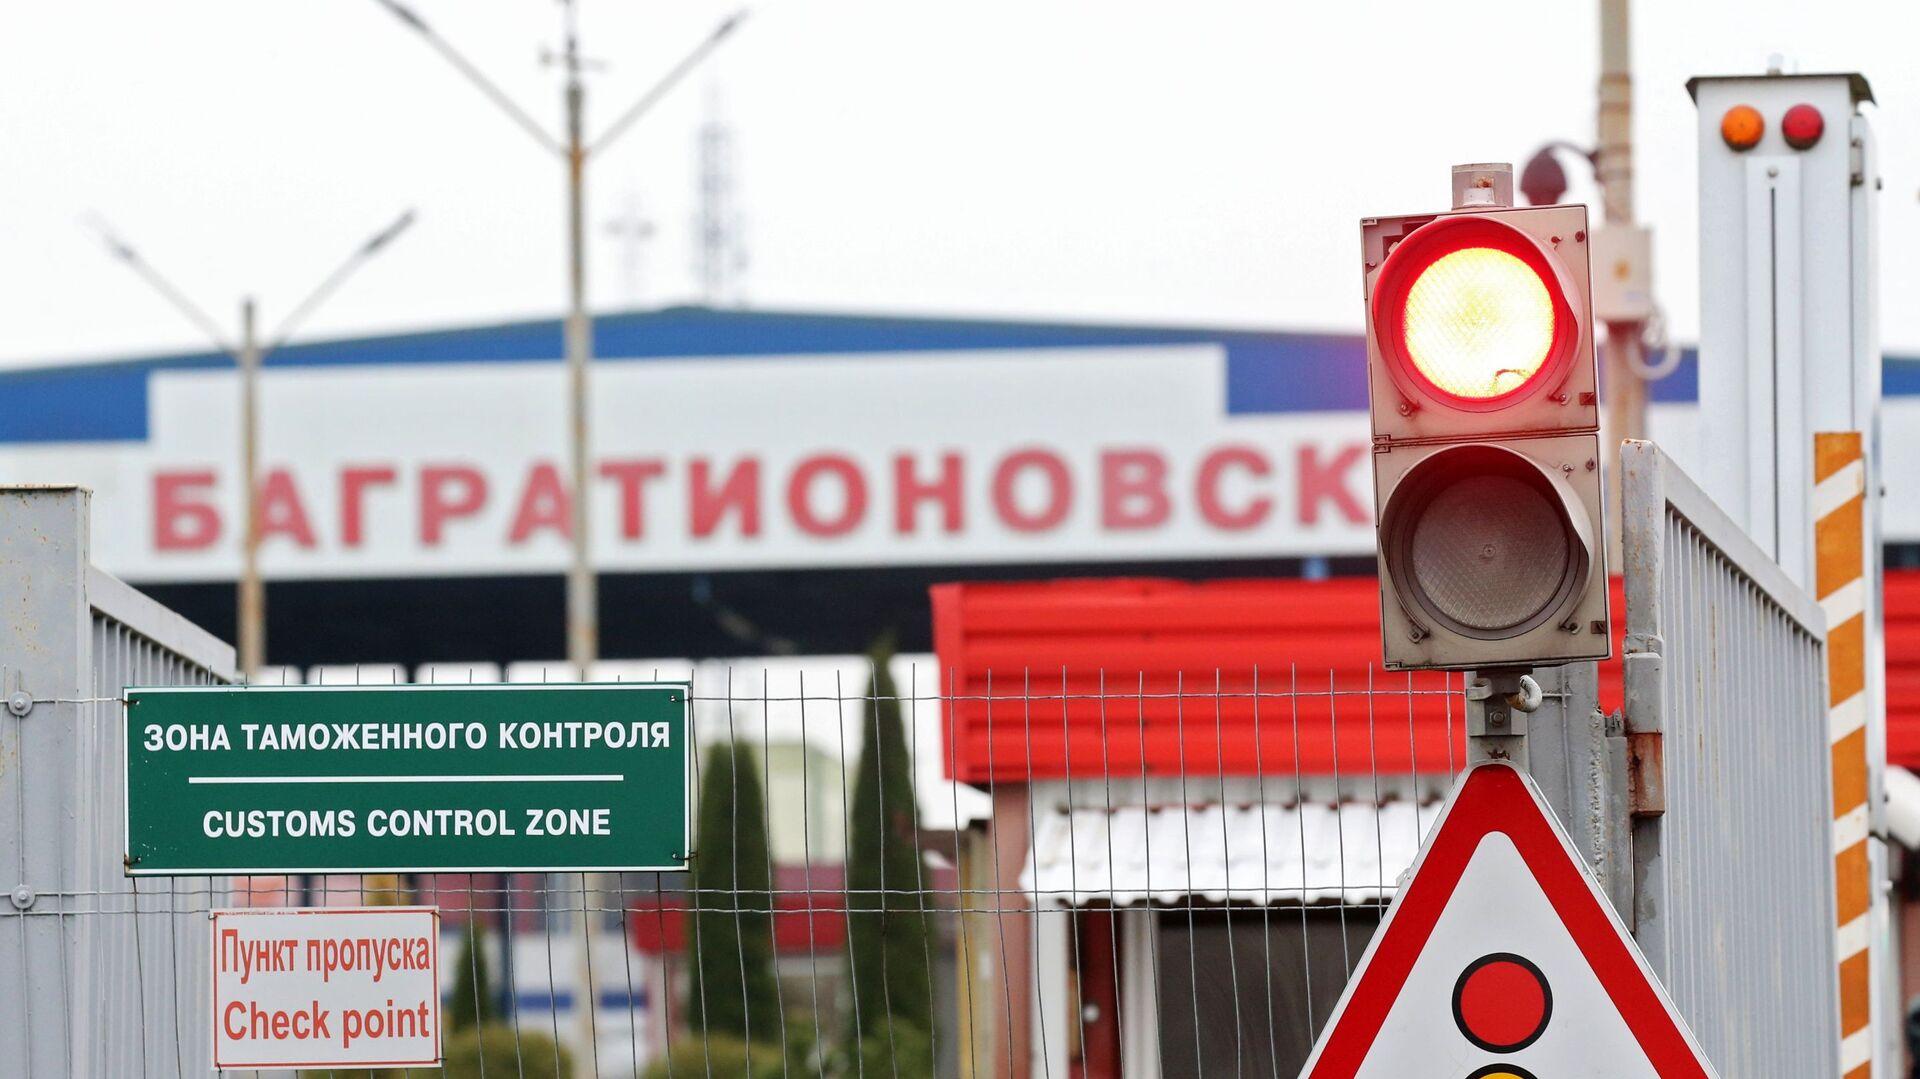 Przejście graniczne Bagrationowsk w obwodzie kaliningradzkim na rosyjsko-polskiej granicy - Sputnik Polska, 1920, 14.08.2021